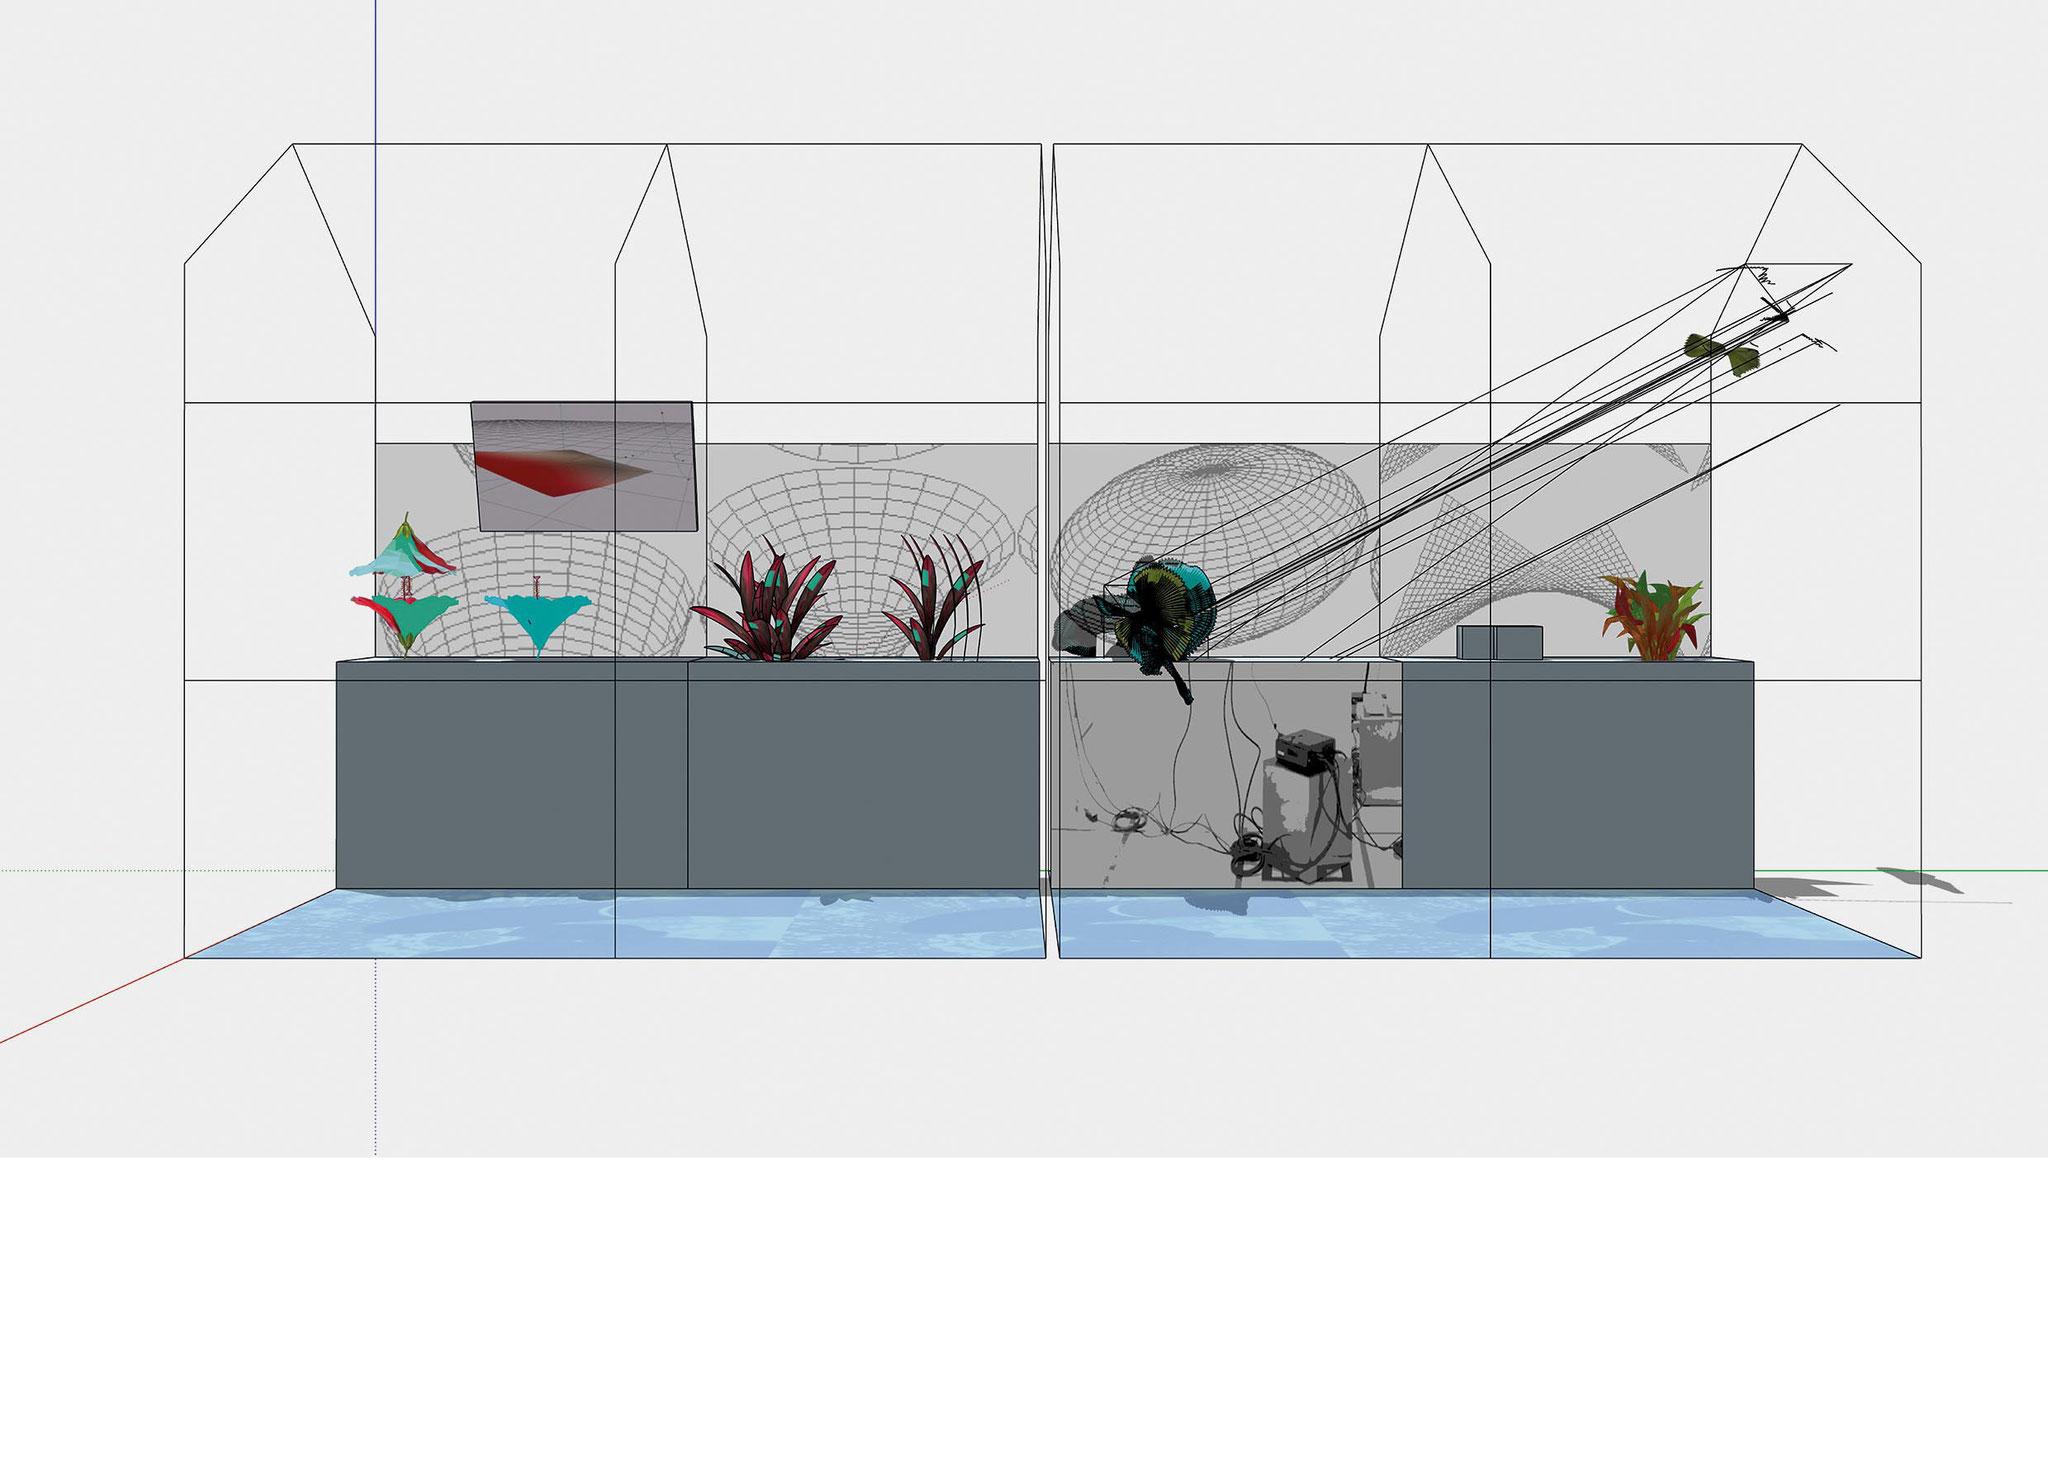 """Clas Steinmann / Paul Steinmann  """"Glashaus"""", 150x380x200 cm, Konstruktonszeichnung, Realisierung der Installation vor Ort in der Kunsthalle"""